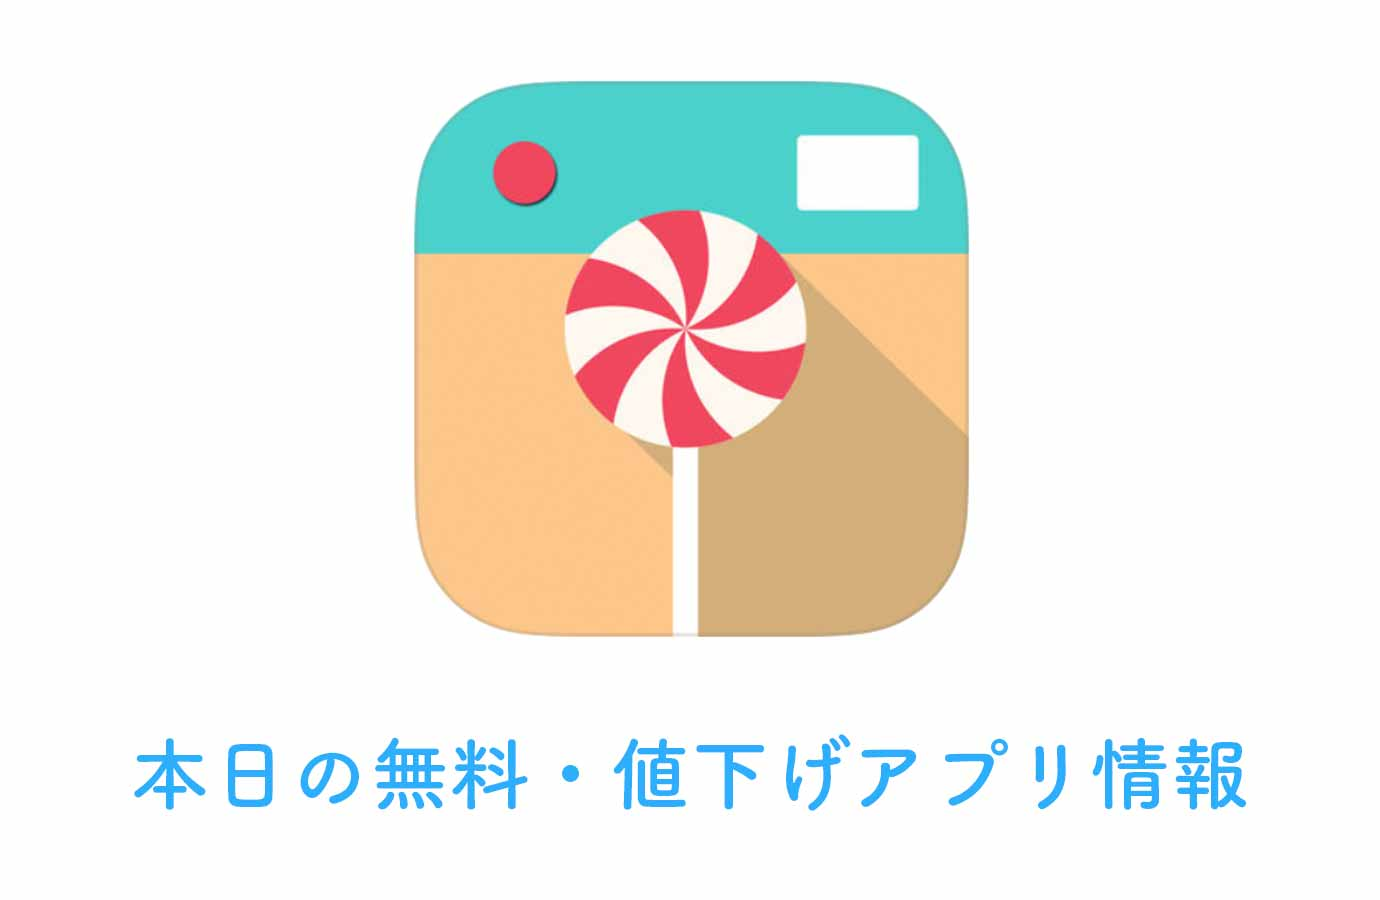 600円→無料、かわいいフィルターなどを搭載したカメラアプリ「candy camera」など【4/21】本日の無料・値下げアプリ情報